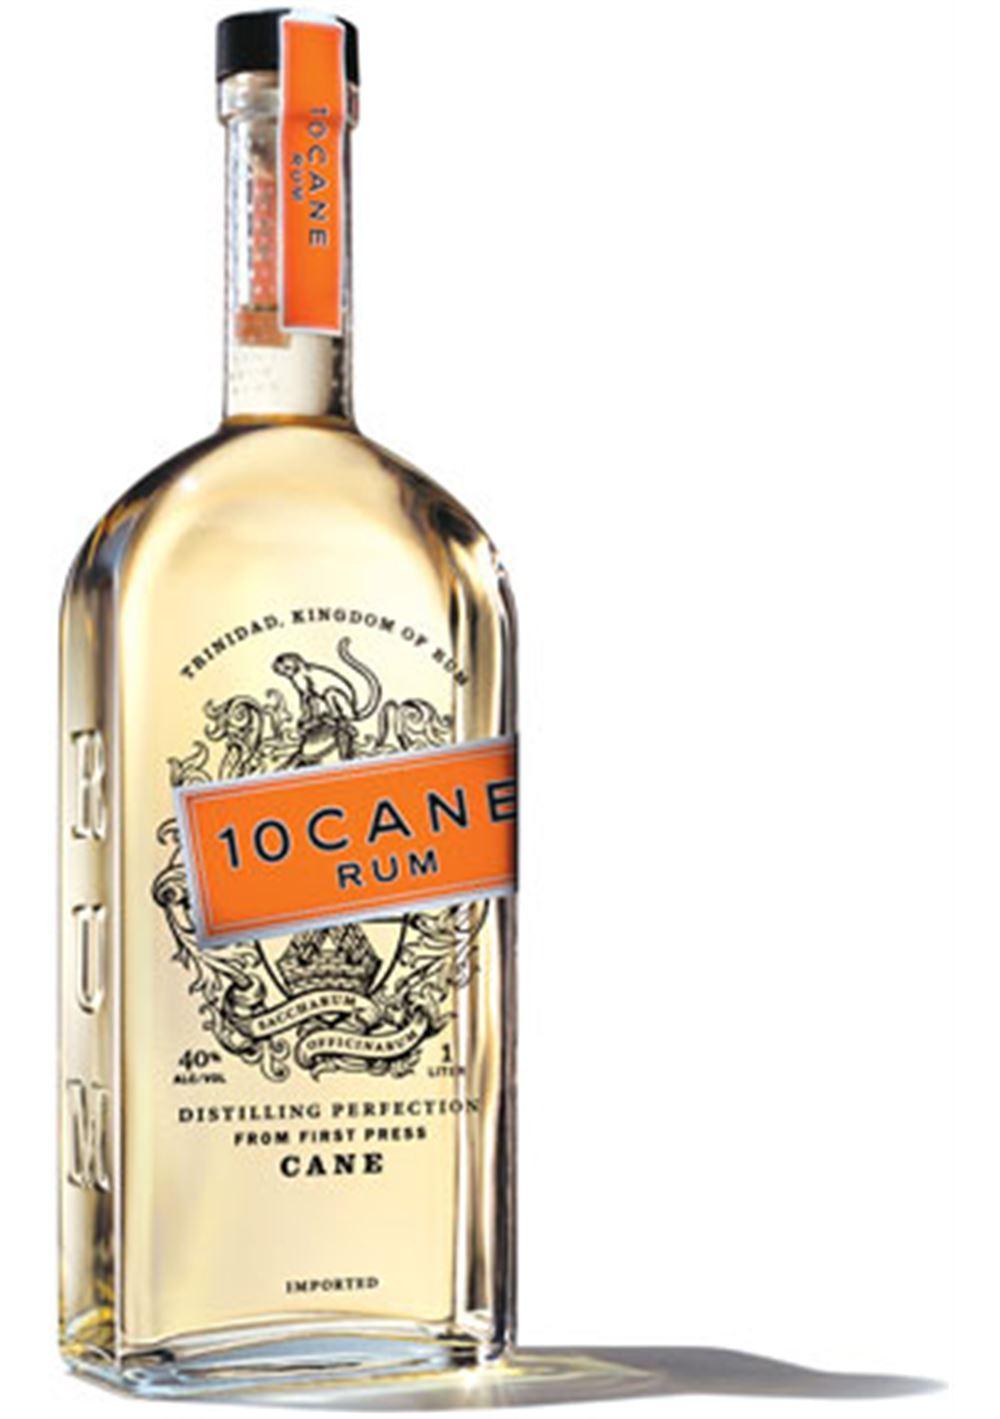 RON-10-CANE-RUM